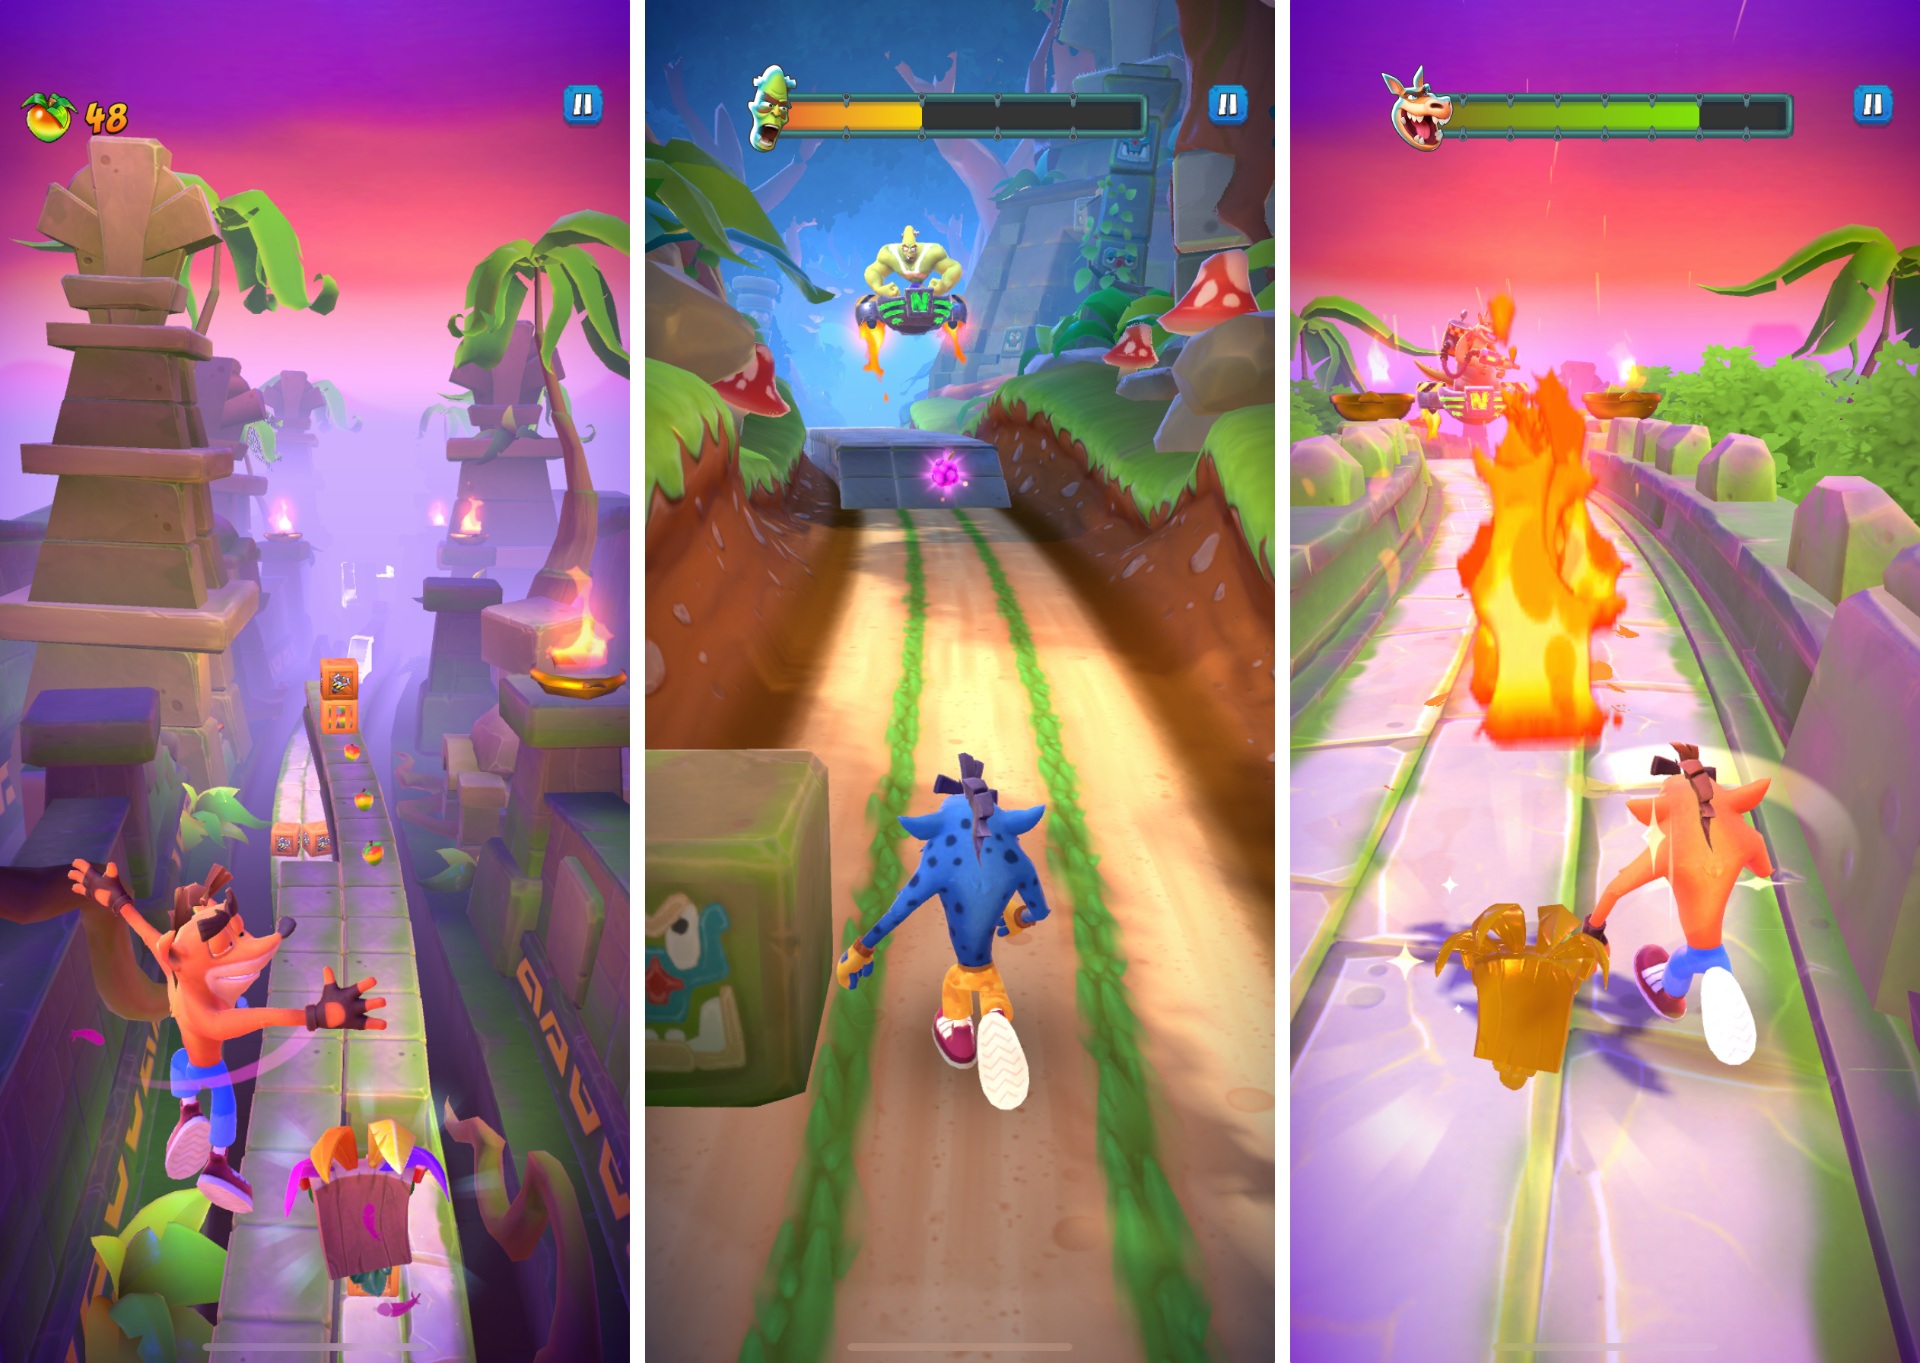 Crash veľa skáče, prípadne sa uhýba skalám či nástrahám protivníkov.